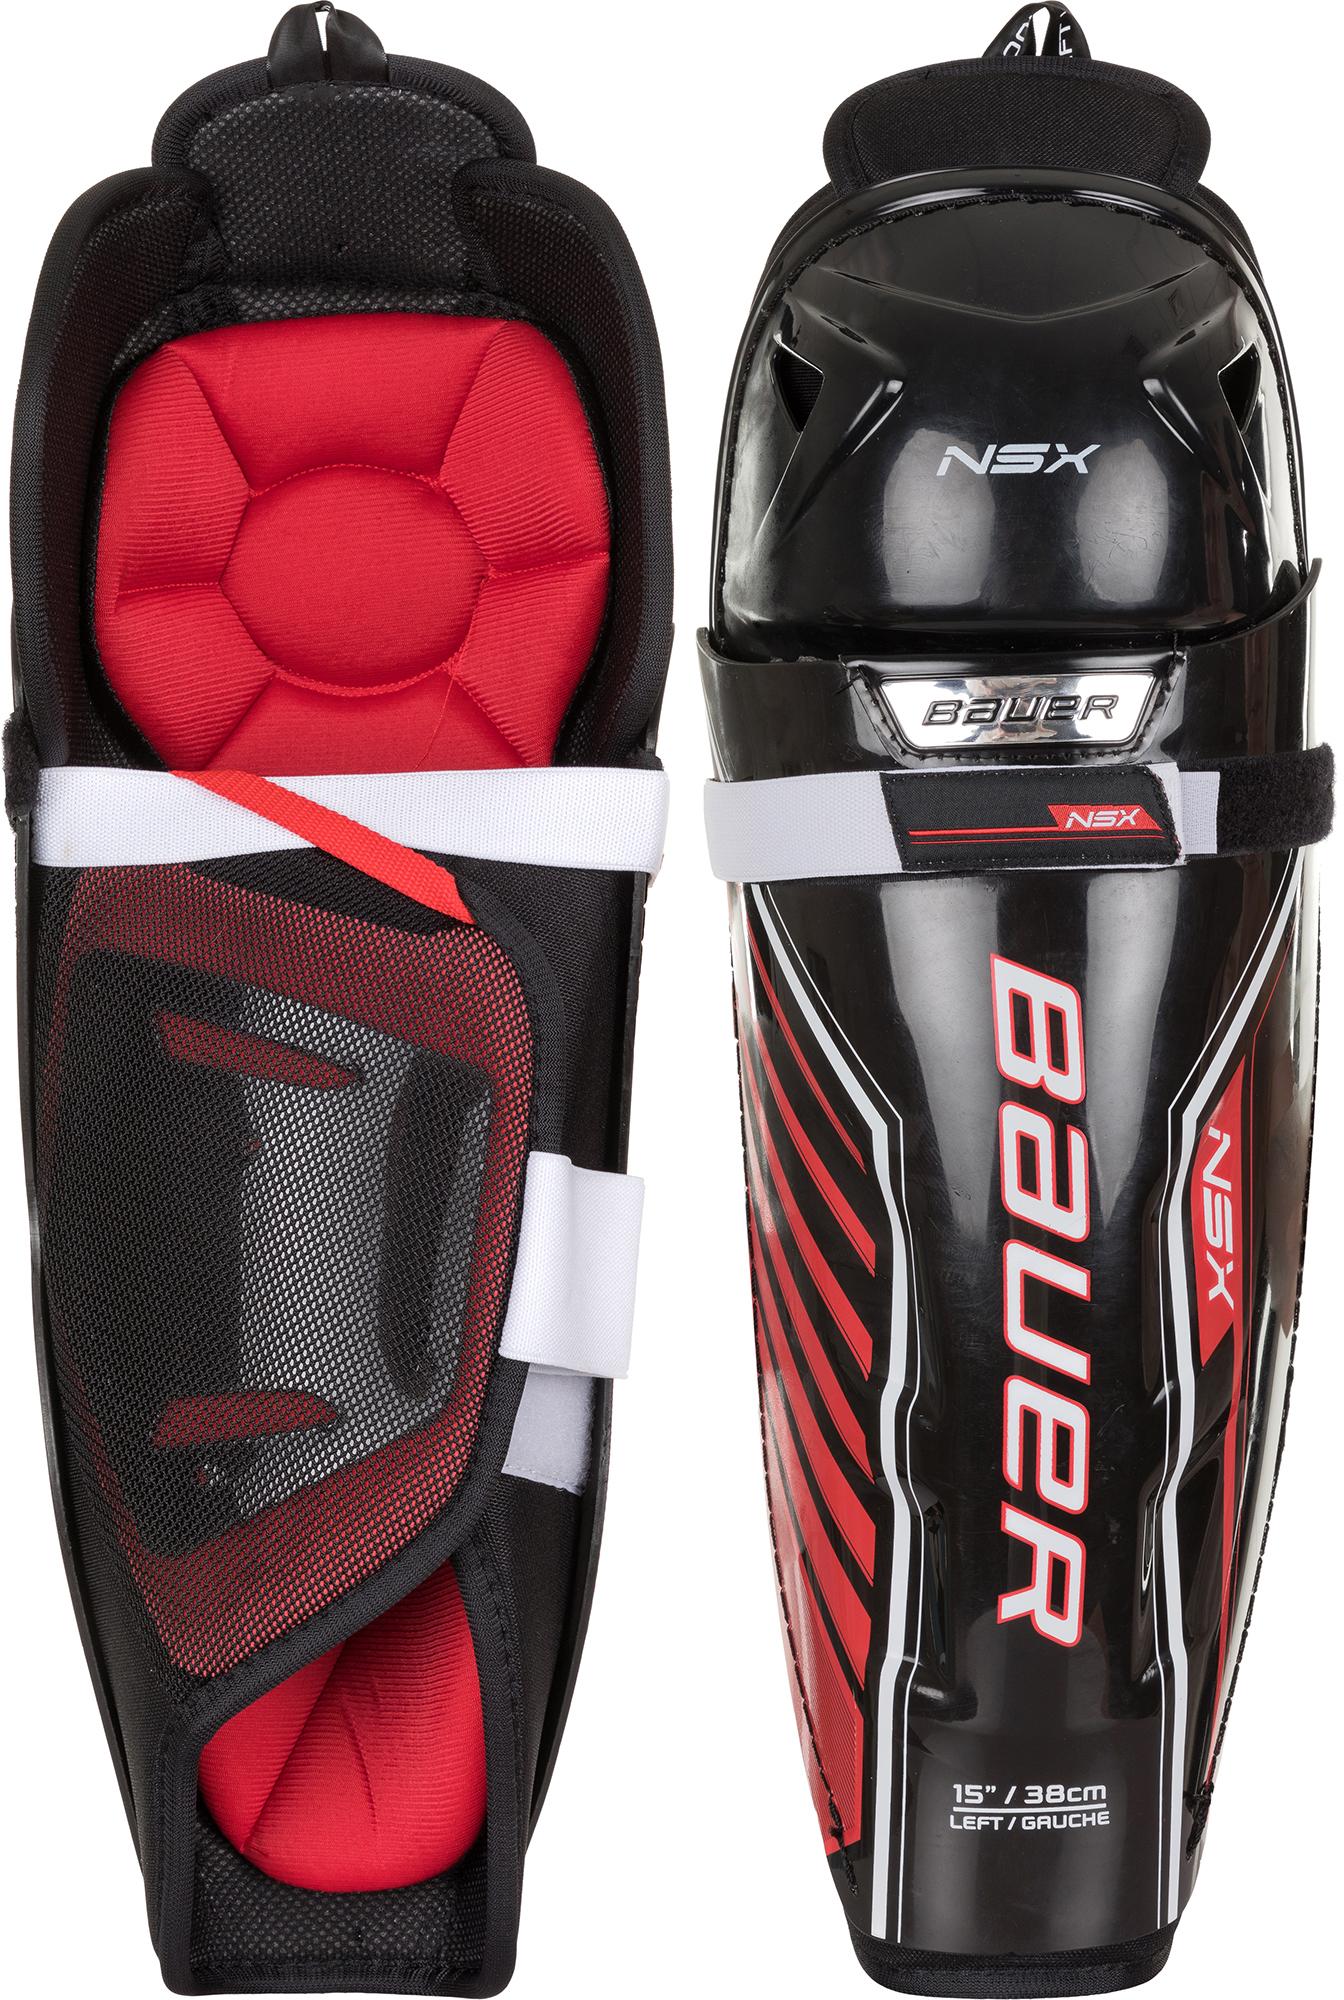 Bauer Щитки хоккейные Bauer NSX, размер 175-185 хоккейные щитки bauer vapor x 100 sr